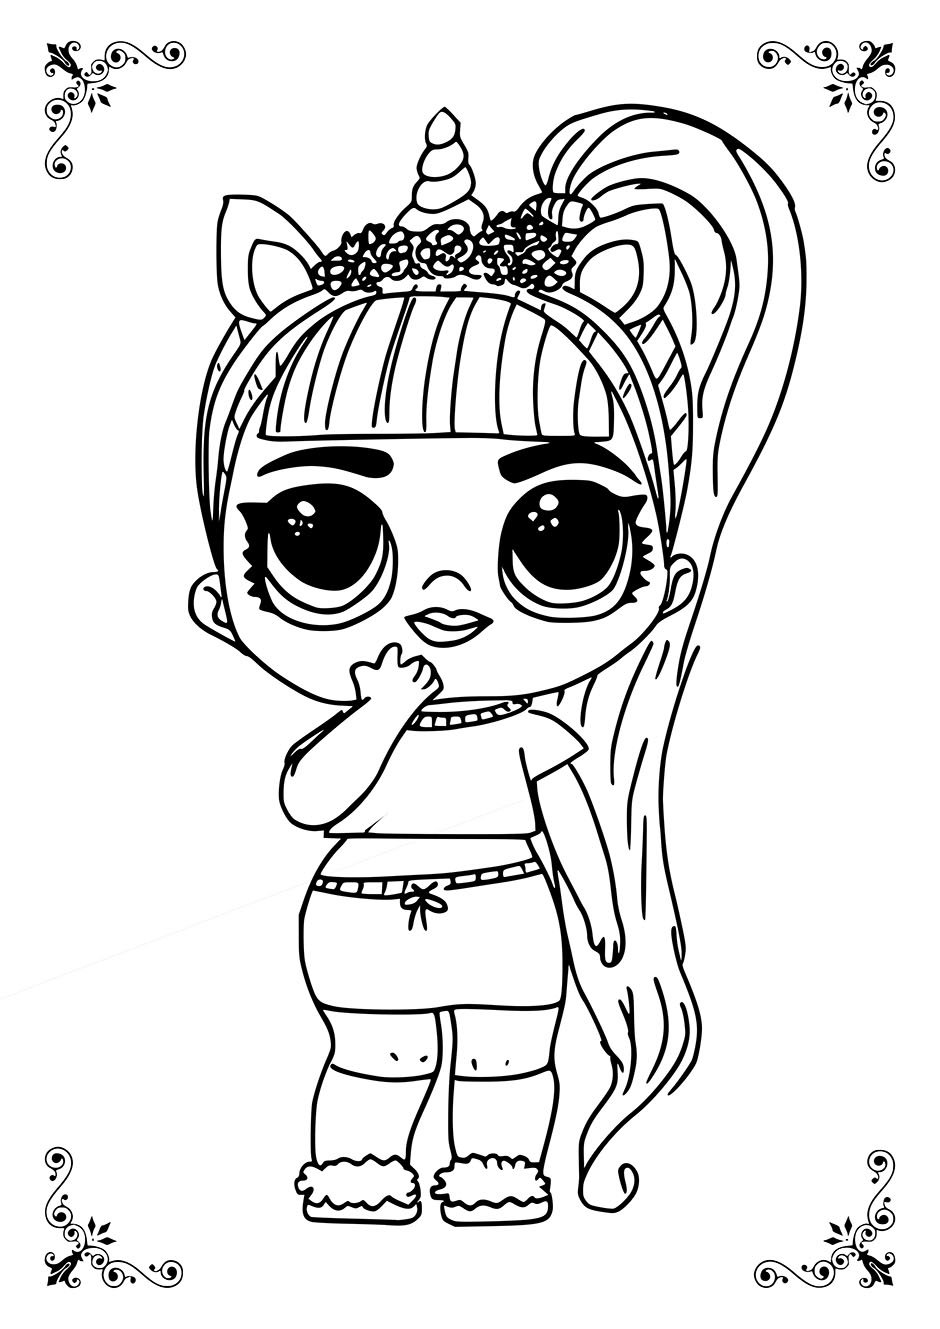 Раскраска: кукла ЛОЛ с длинным хвостом — raskraski-a4.ru